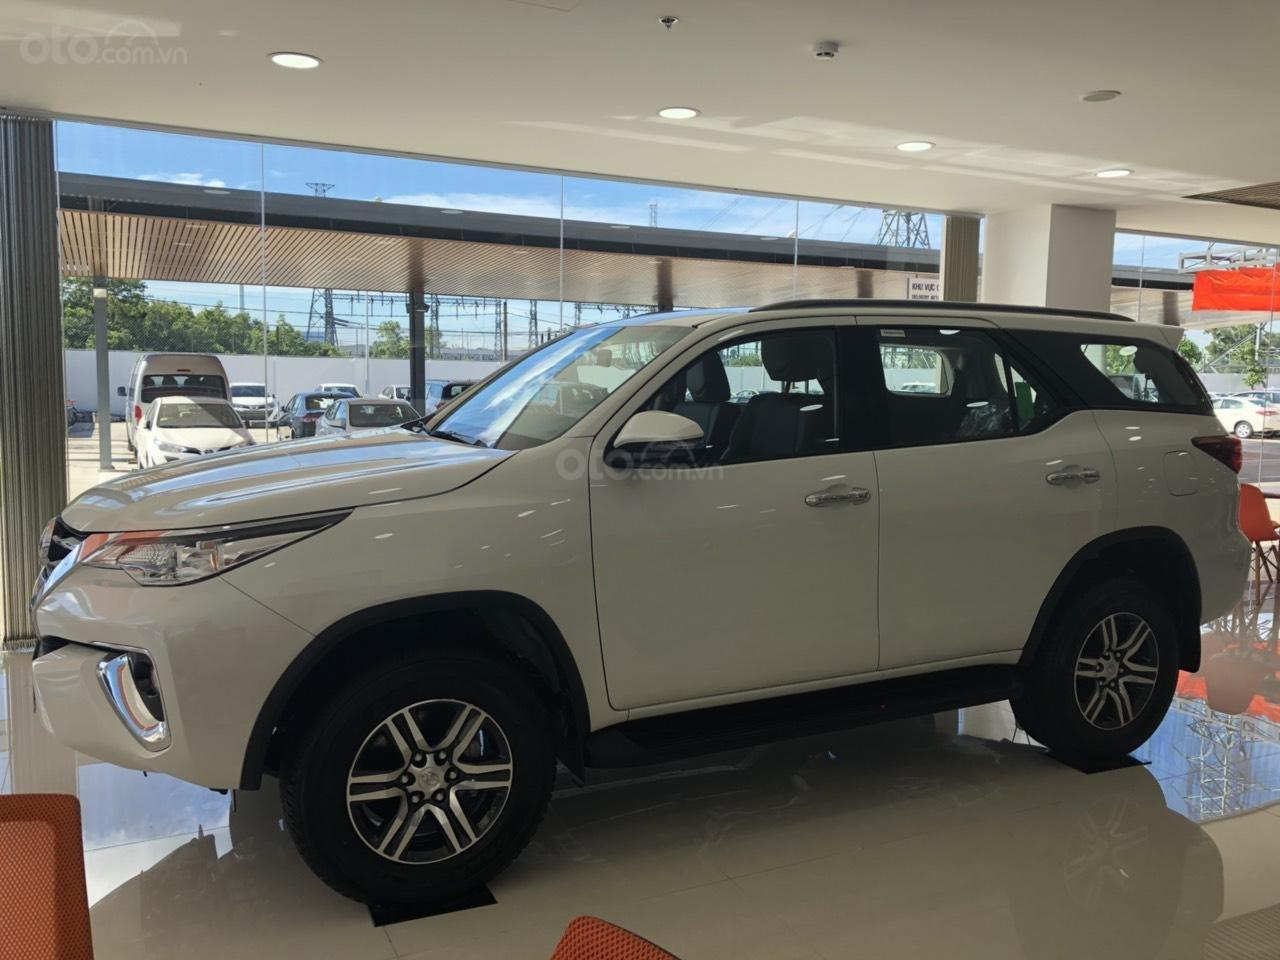 Bán Toyota Fortuner 2.4G số tự động, máy dầu, màu trắng ngọc trai, vay 85%, trả 250tr nhận ngay xe (2)